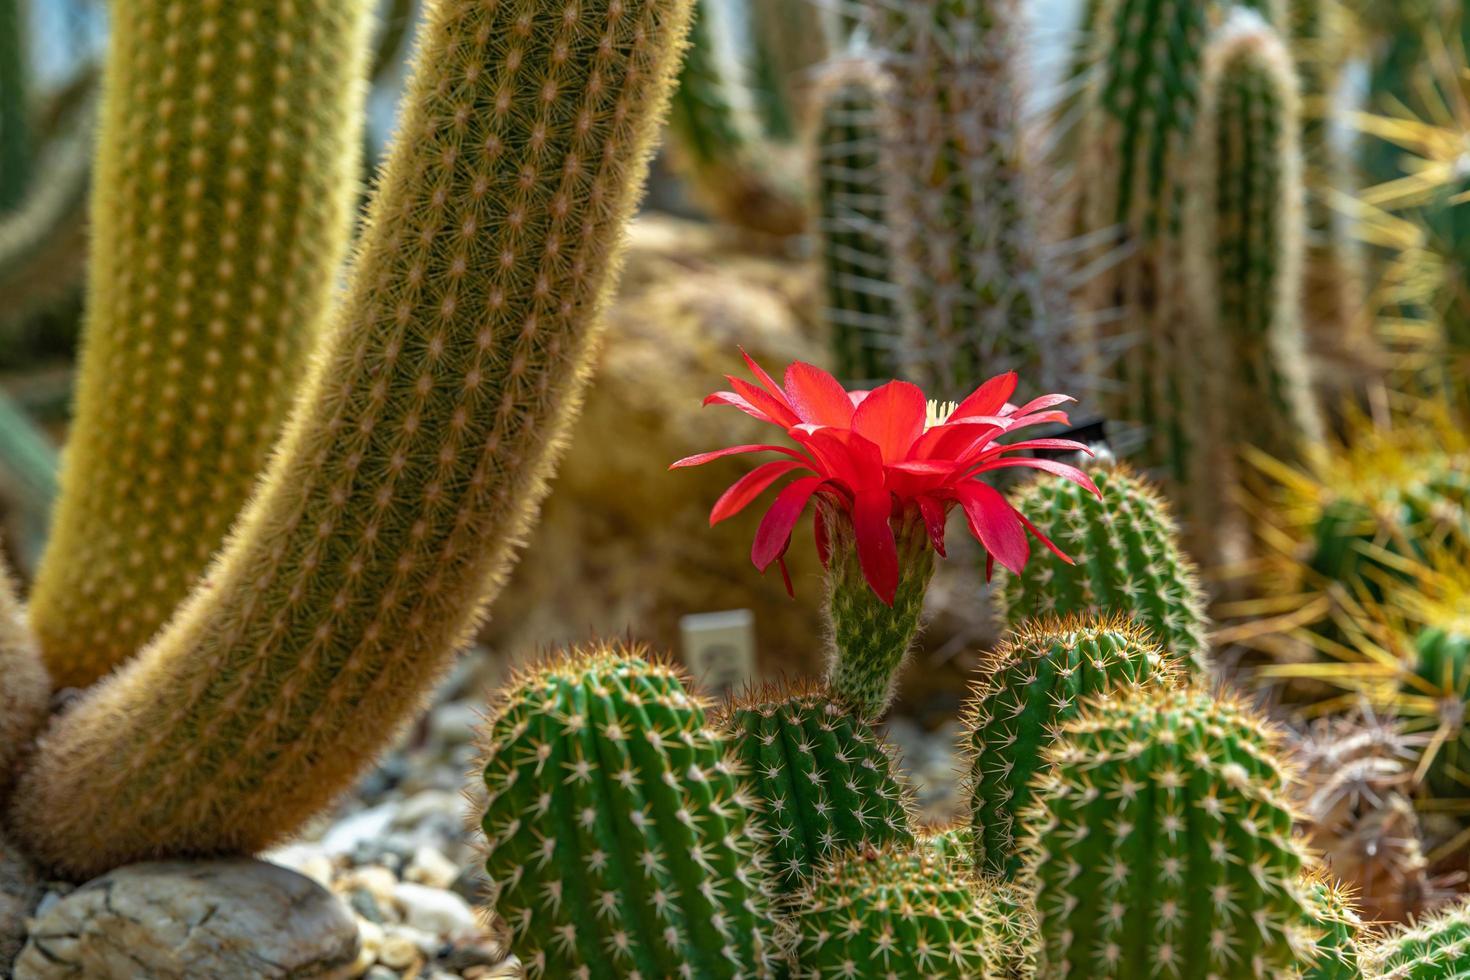 röd blomma på kaktus foto